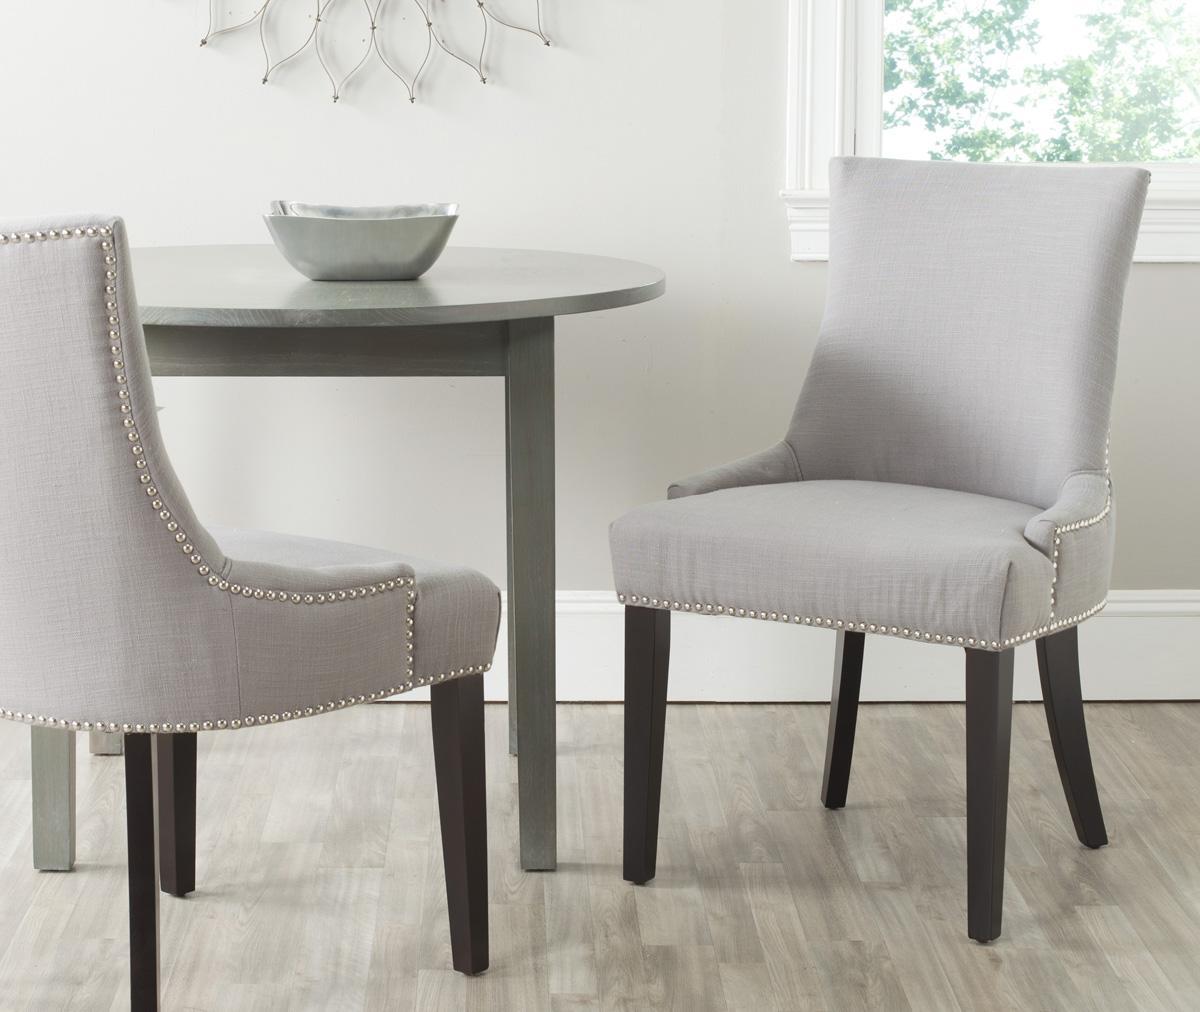 mcr4709af set2 dining chairs furniture by safavieh. Black Bedroom Furniture Sets. Home Design Ideas